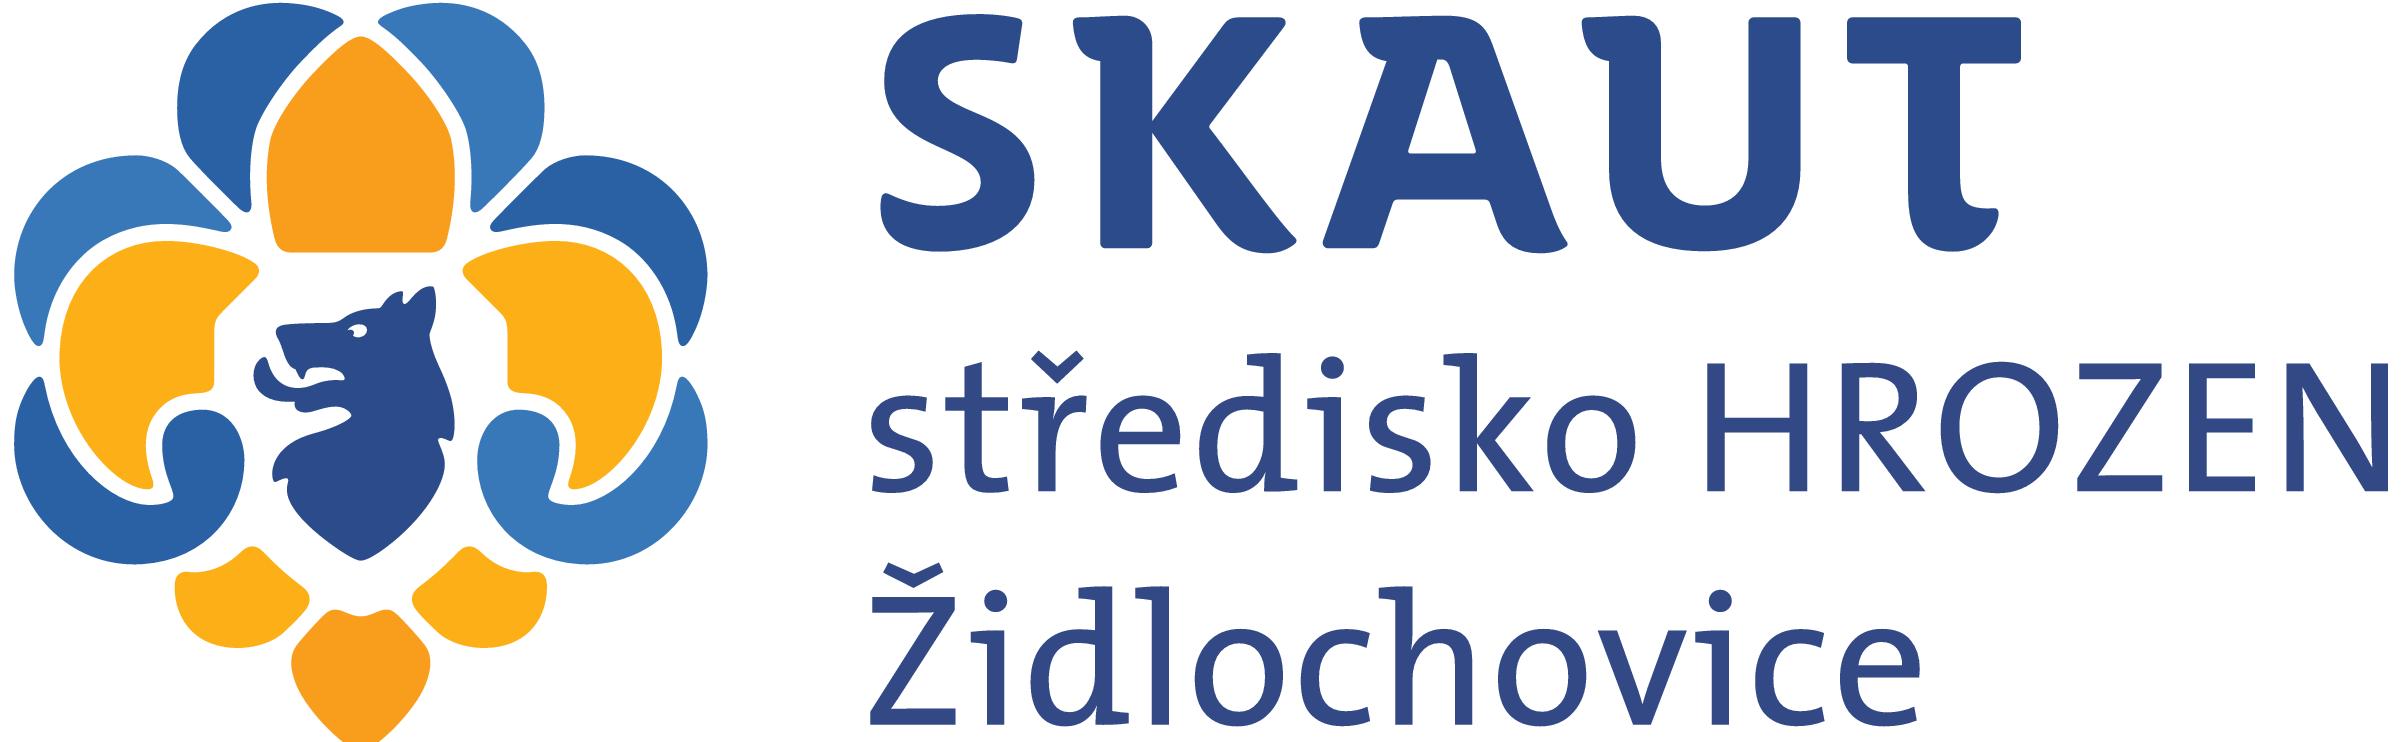 Junák – český skaut, středisko Hrozen Židlochovice, z. s.